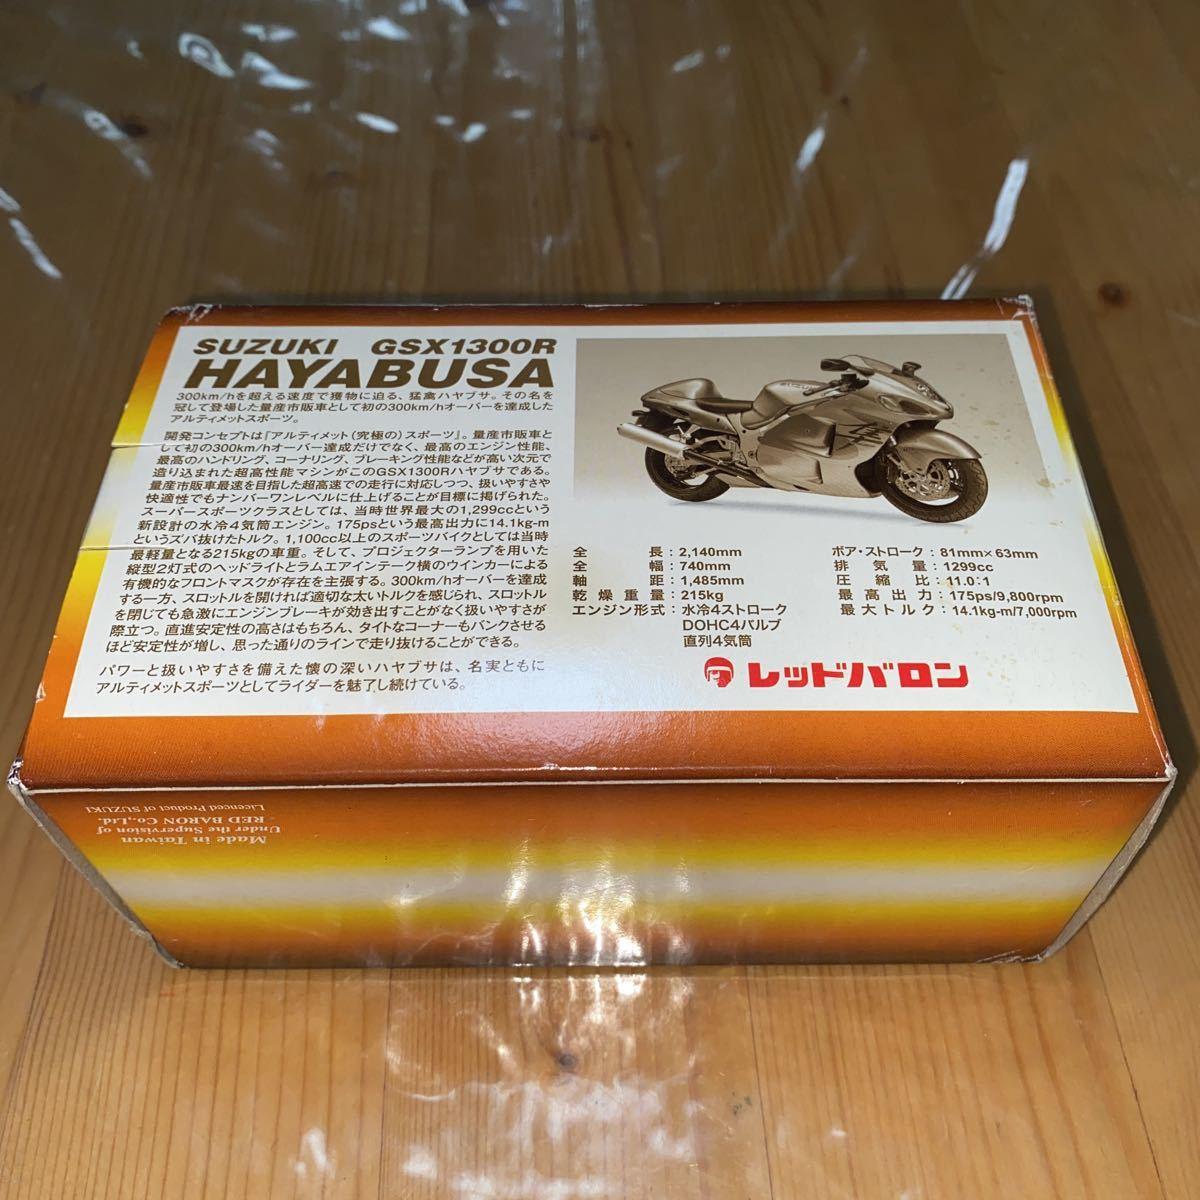 レッドバロン 世界の名車シリーズ Vol.33 SUZUKI GSX1300R HAYABUSA 隼 ハヤブサ 熊本より_画像4